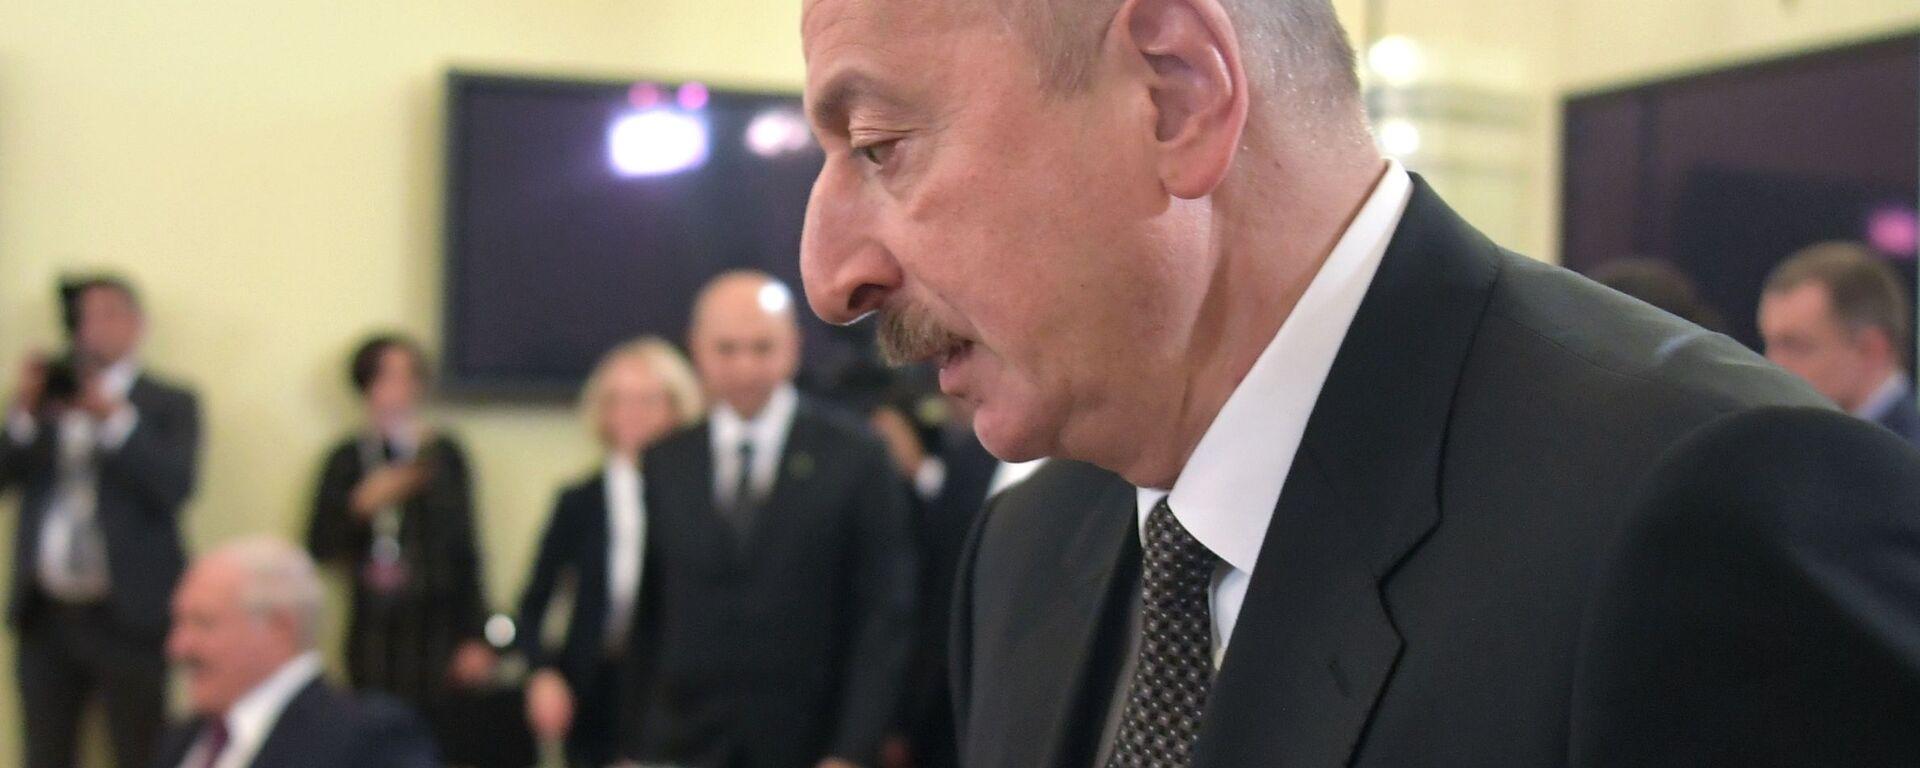 Президент Азербайджана Ильхам Алиев - Sputnik Грузия, 1920, 21.01.2020